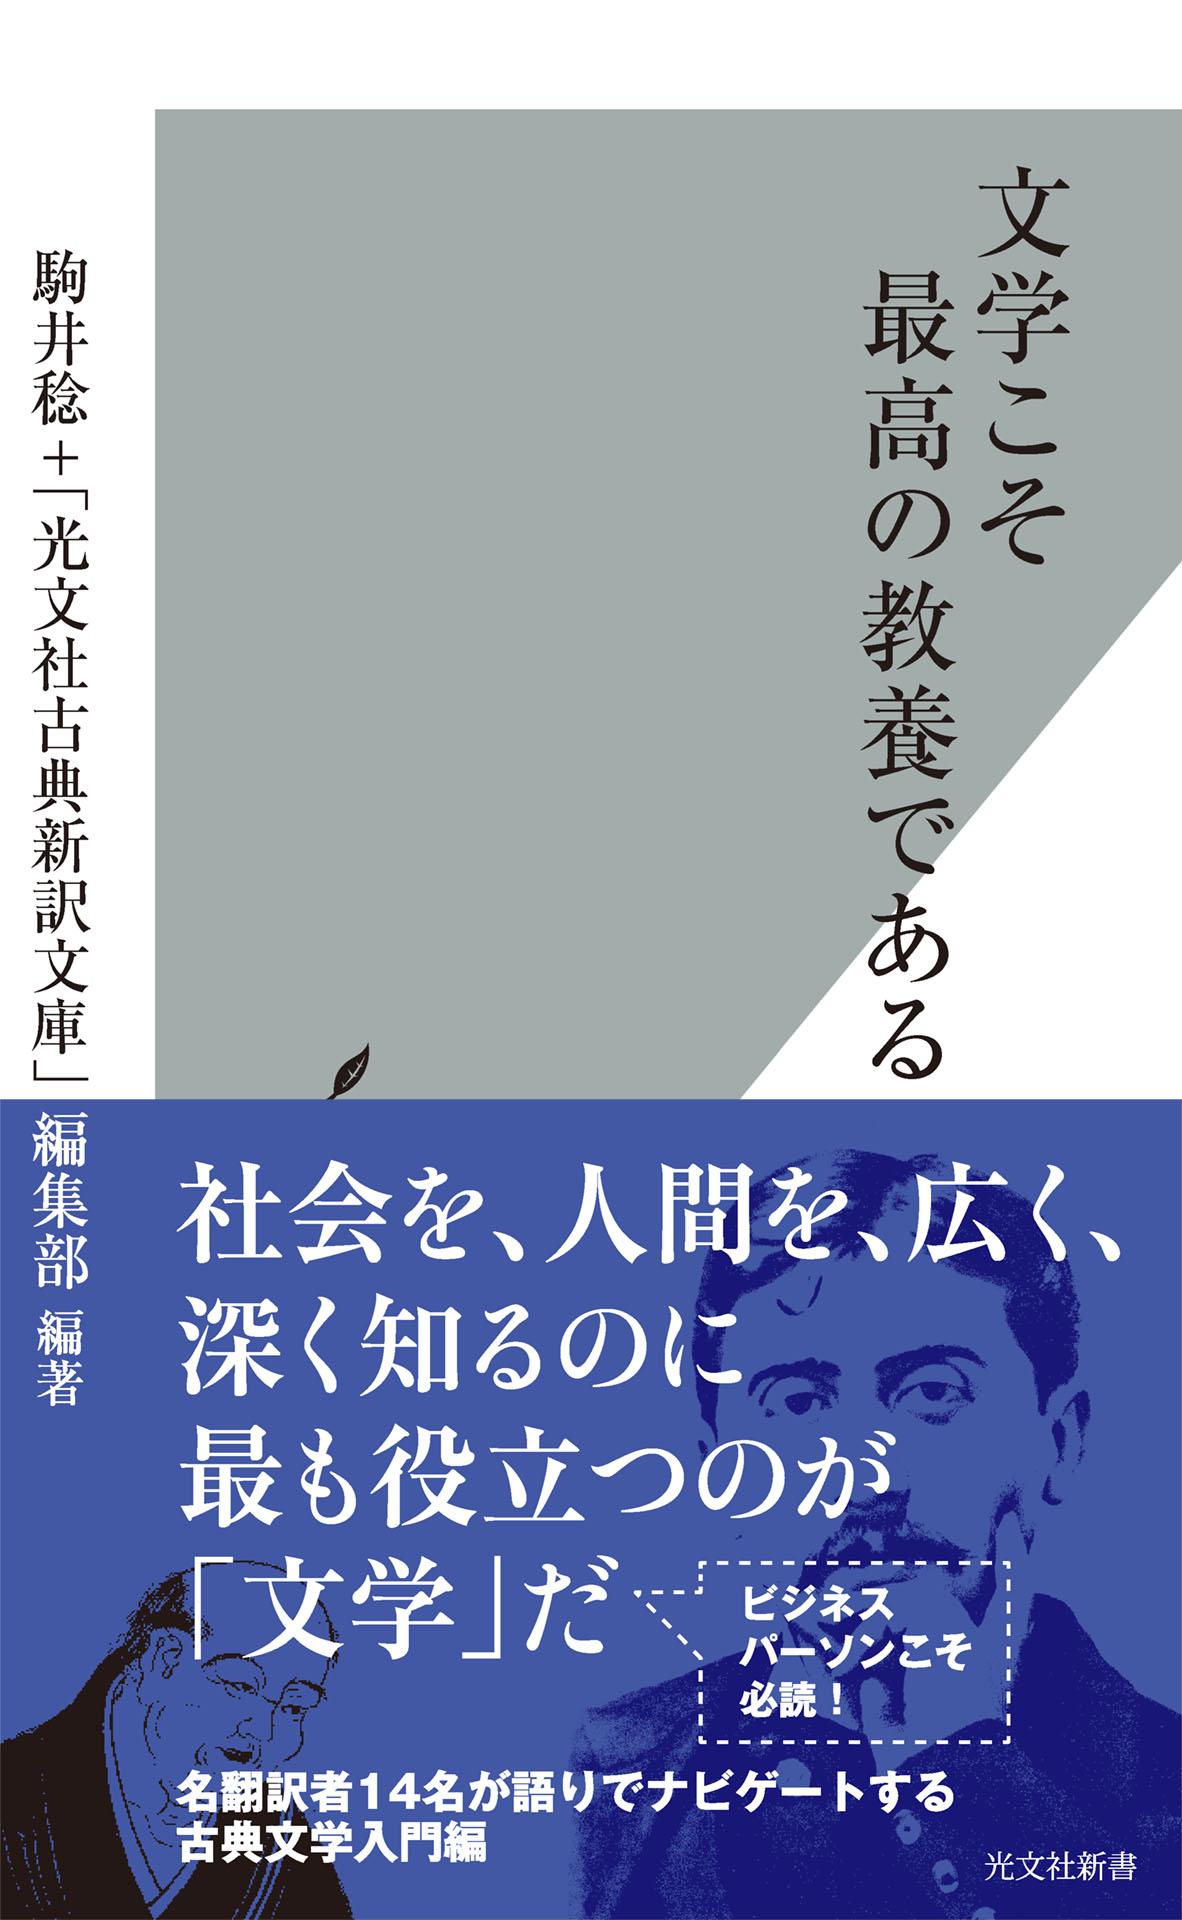 光文社新書『文学こそ最高の教養である』が紀伊國屋書店kinoppyで7月10日(金)先行販売開始&電... 画像